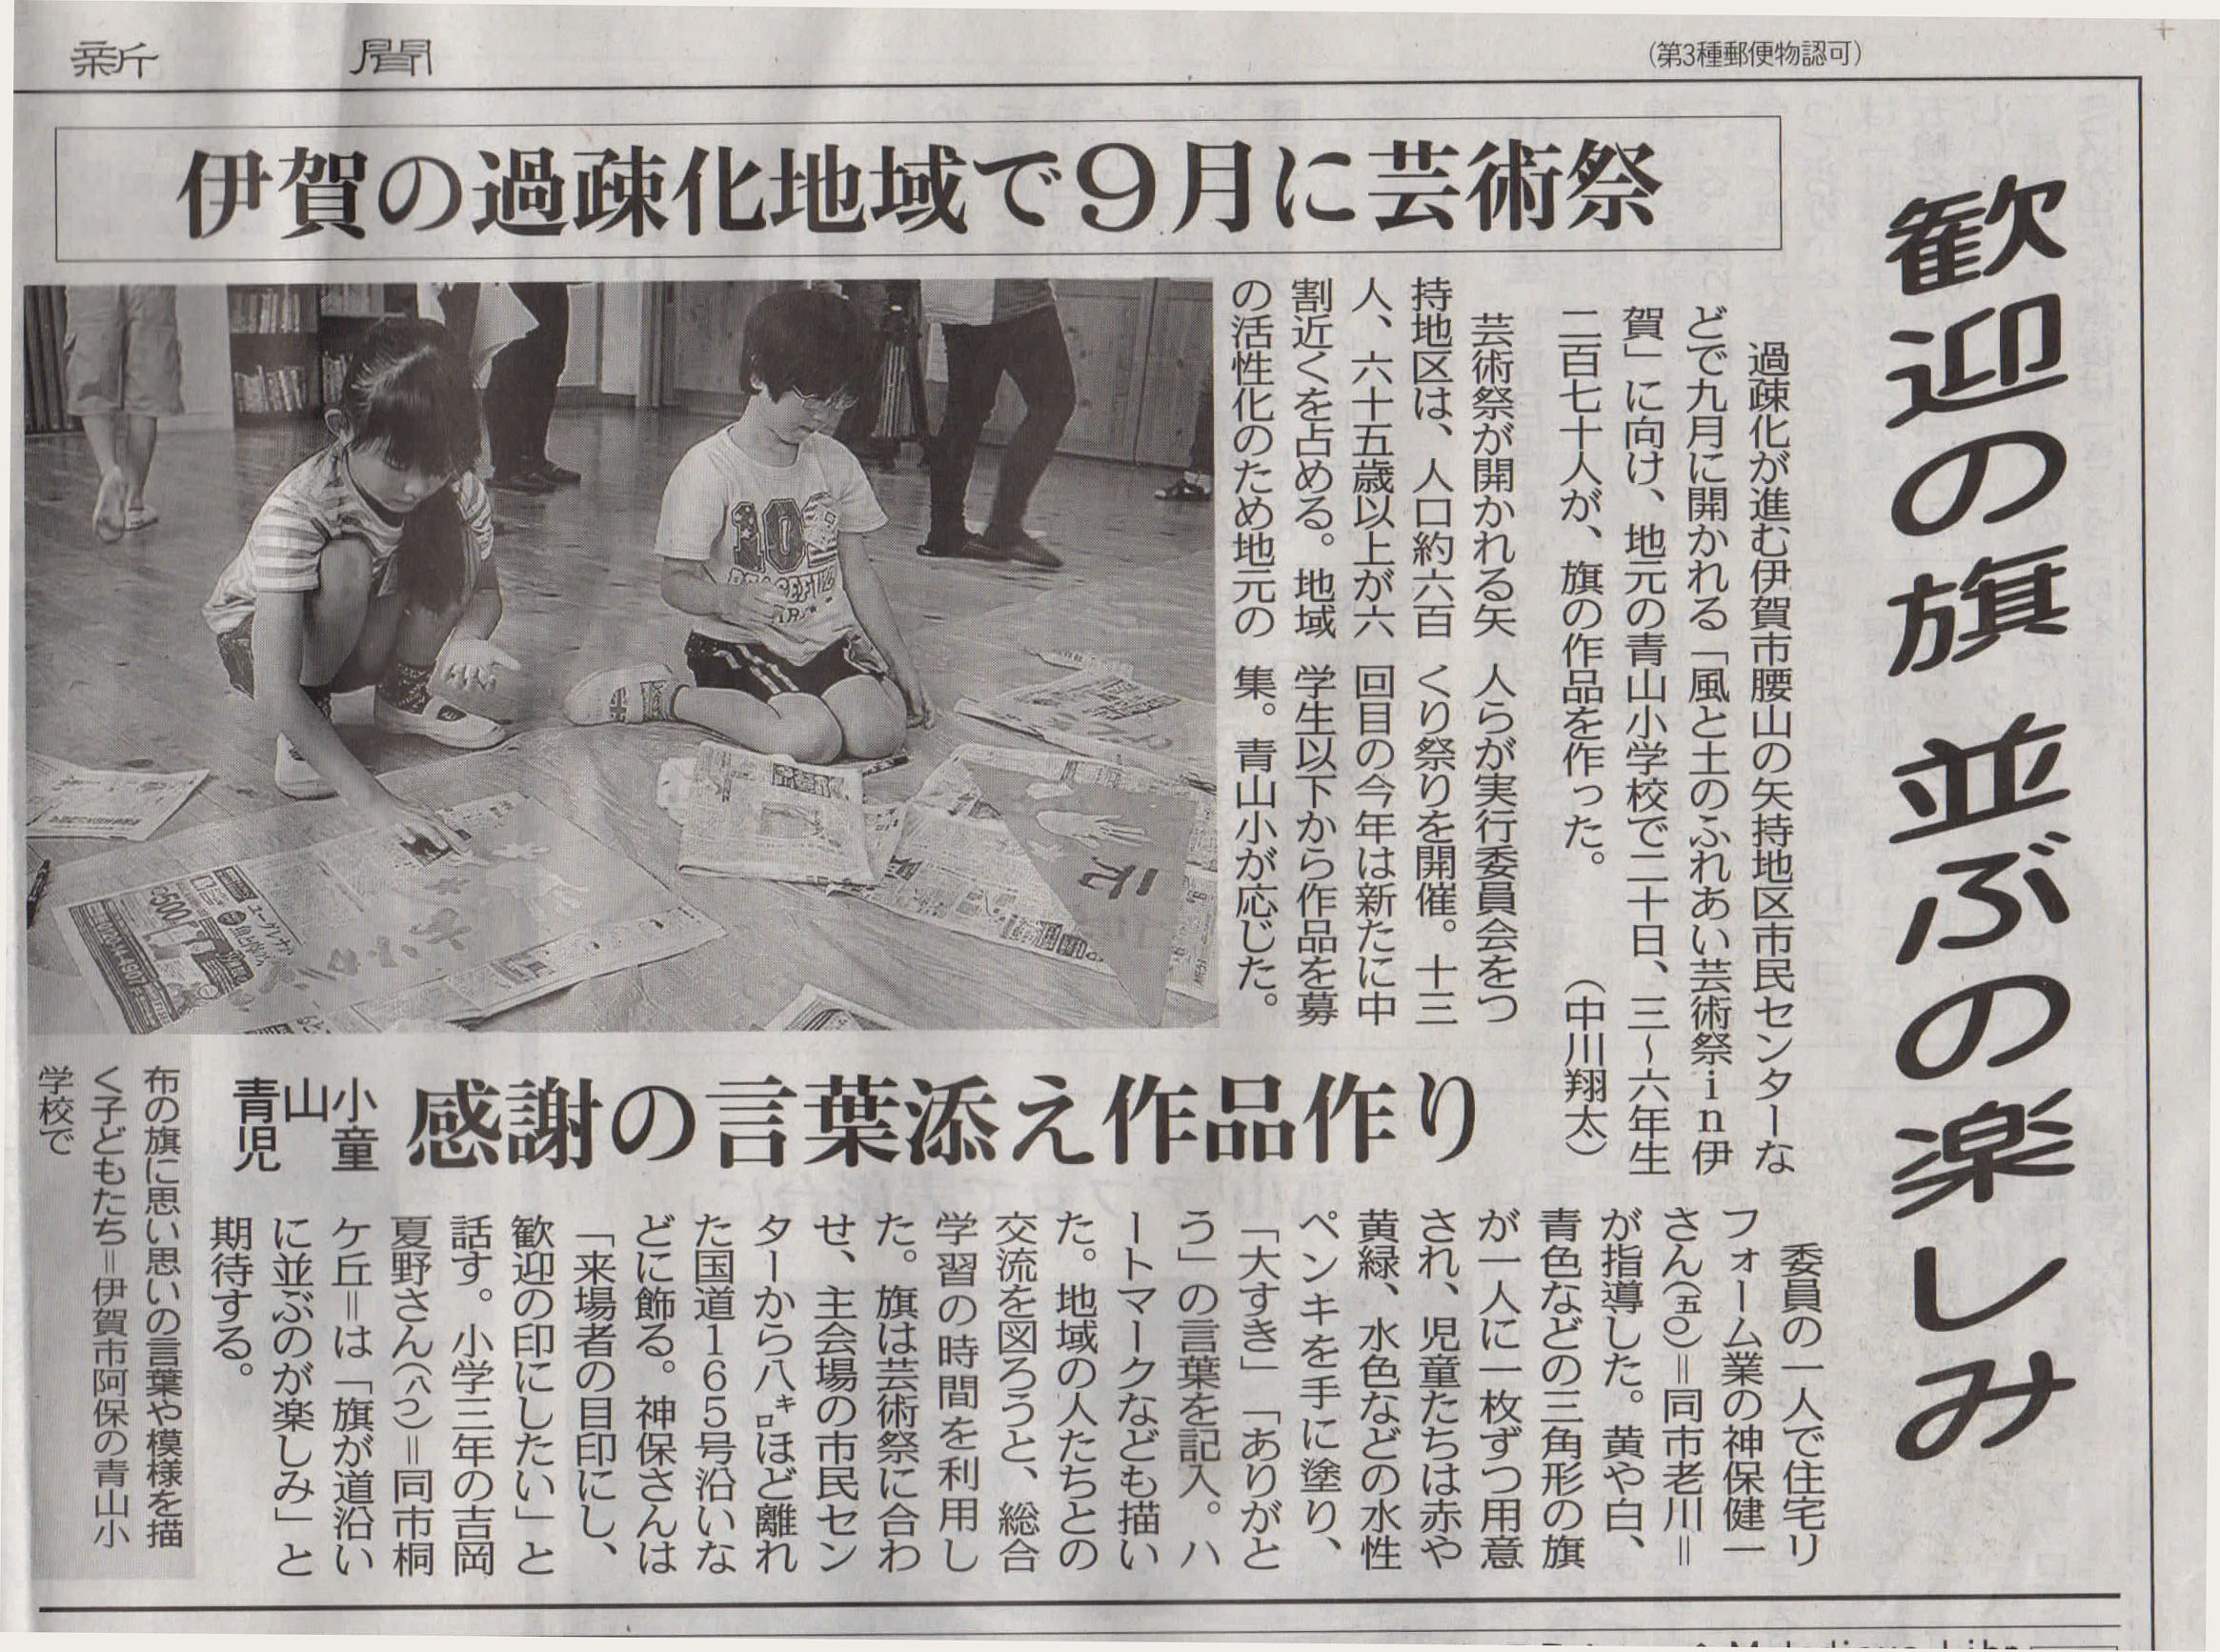 中日新聞 に掲載されました。